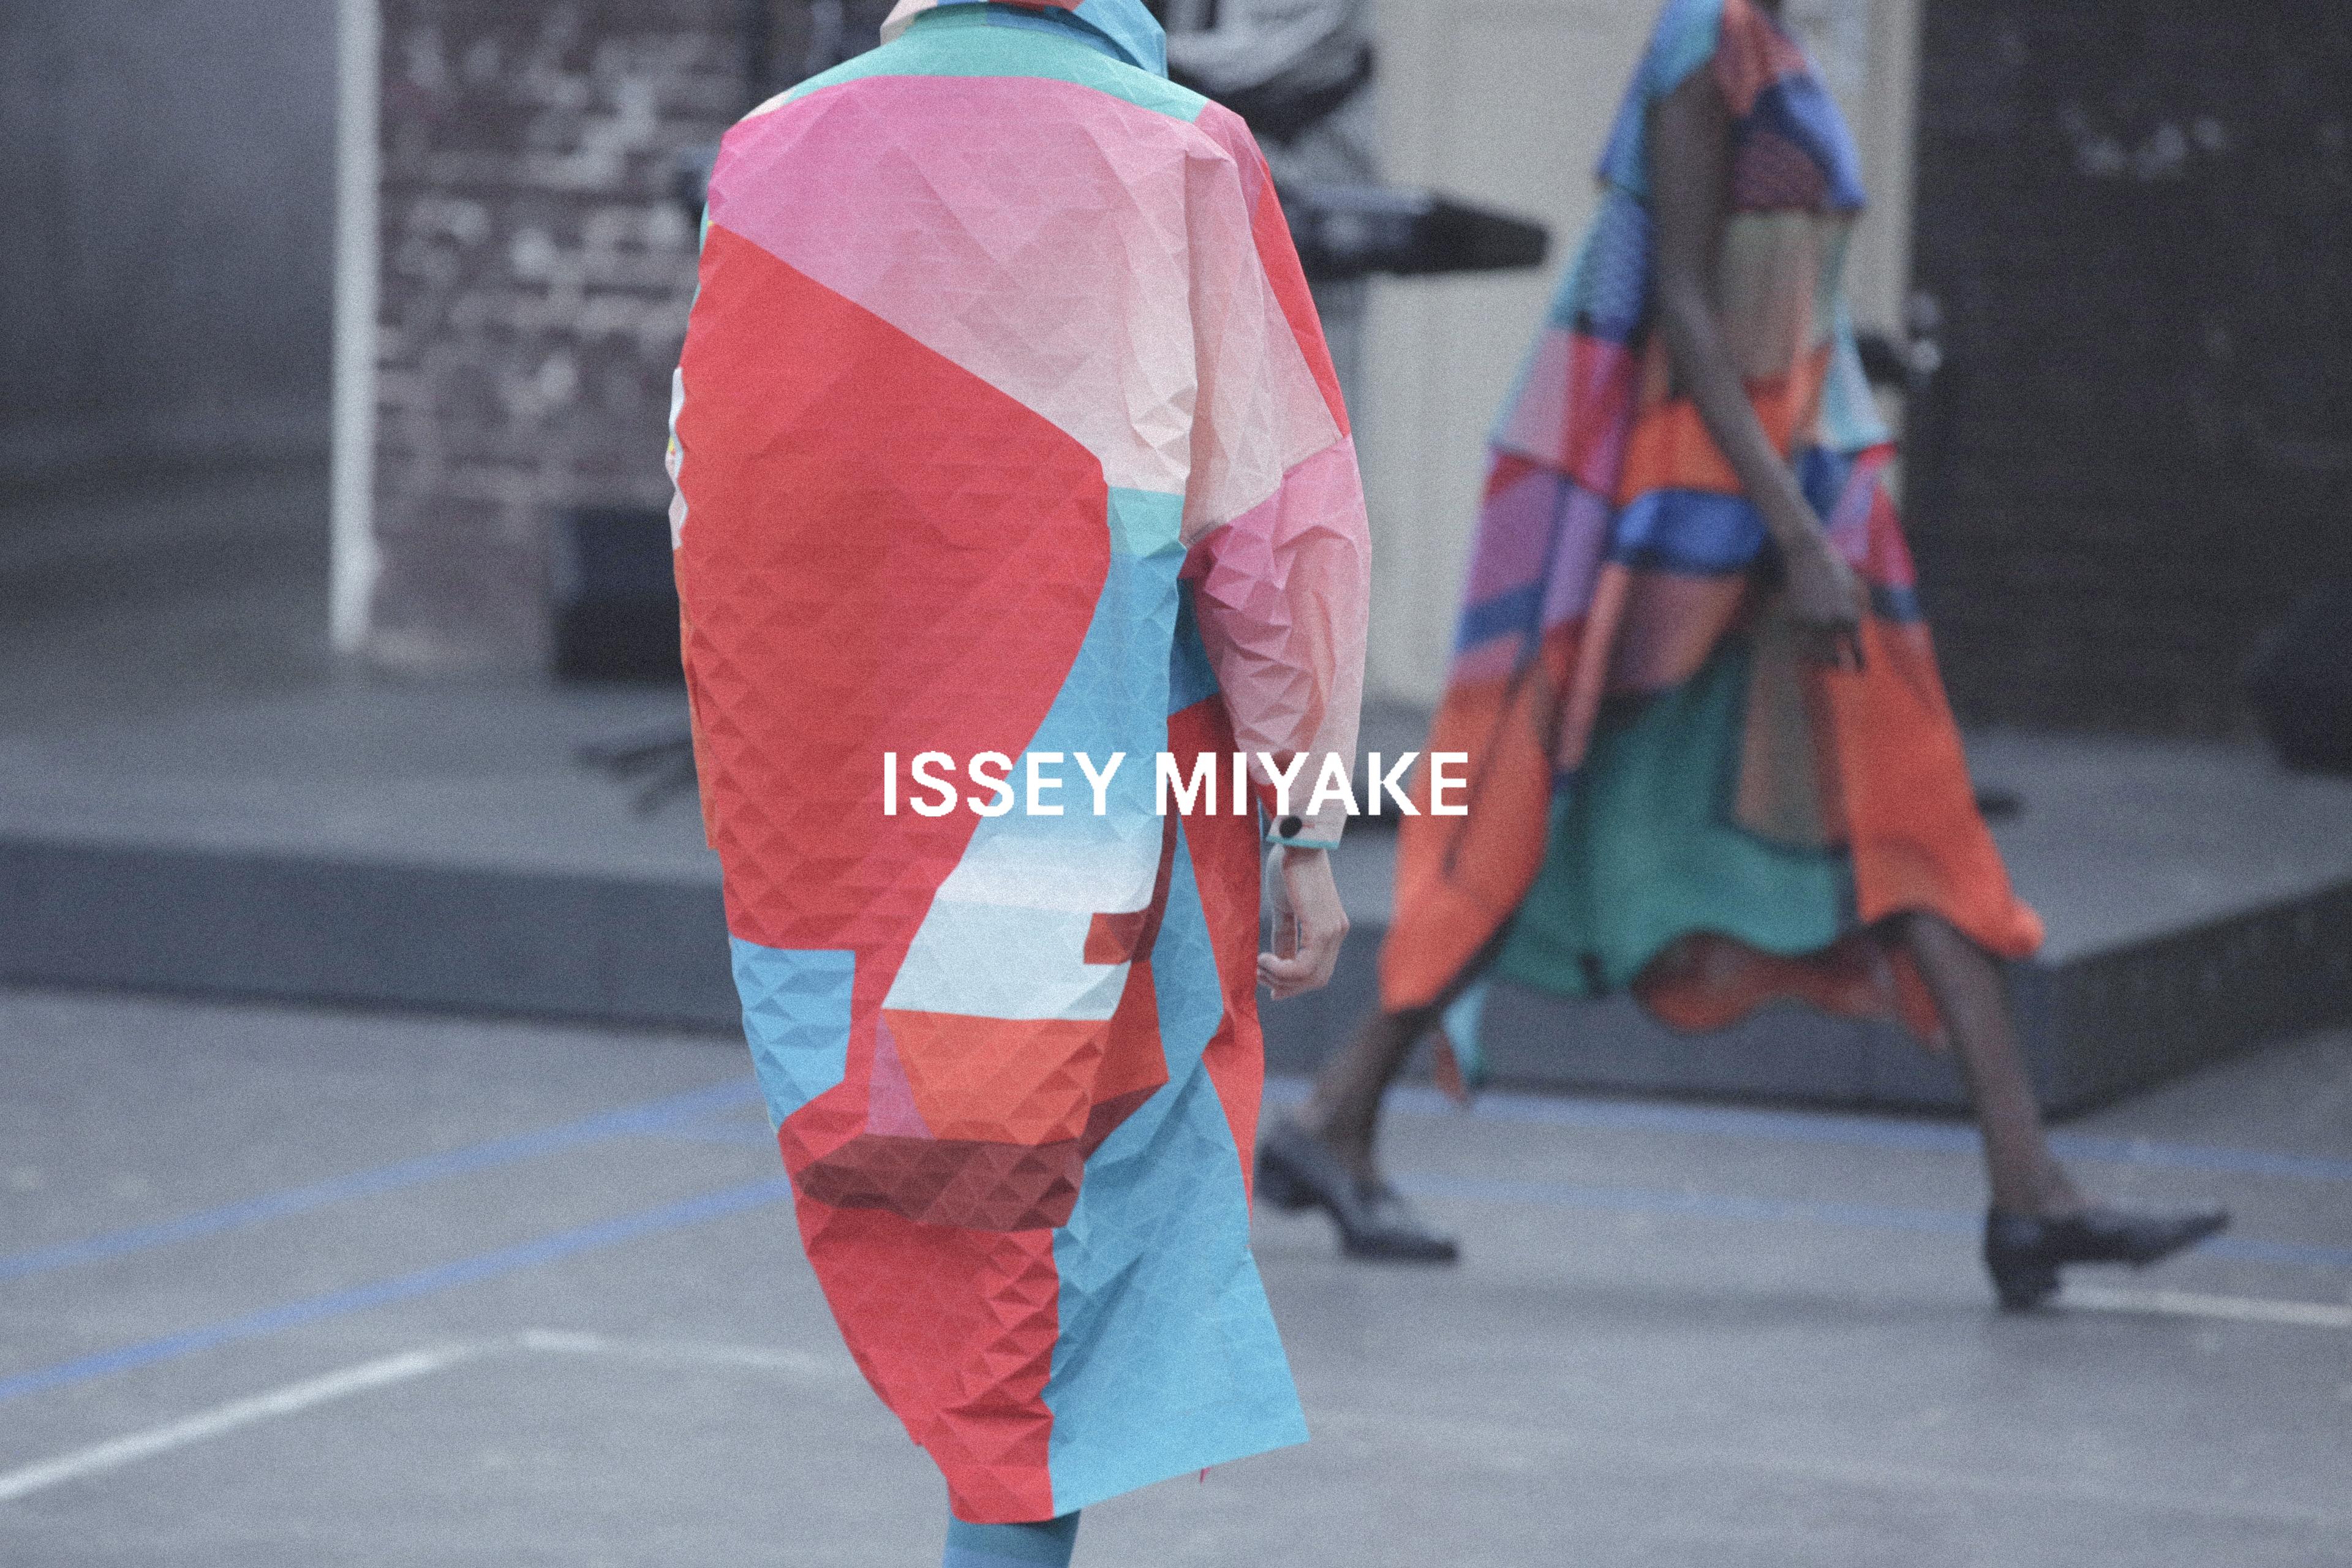 ISSEY MIYAKE FW19